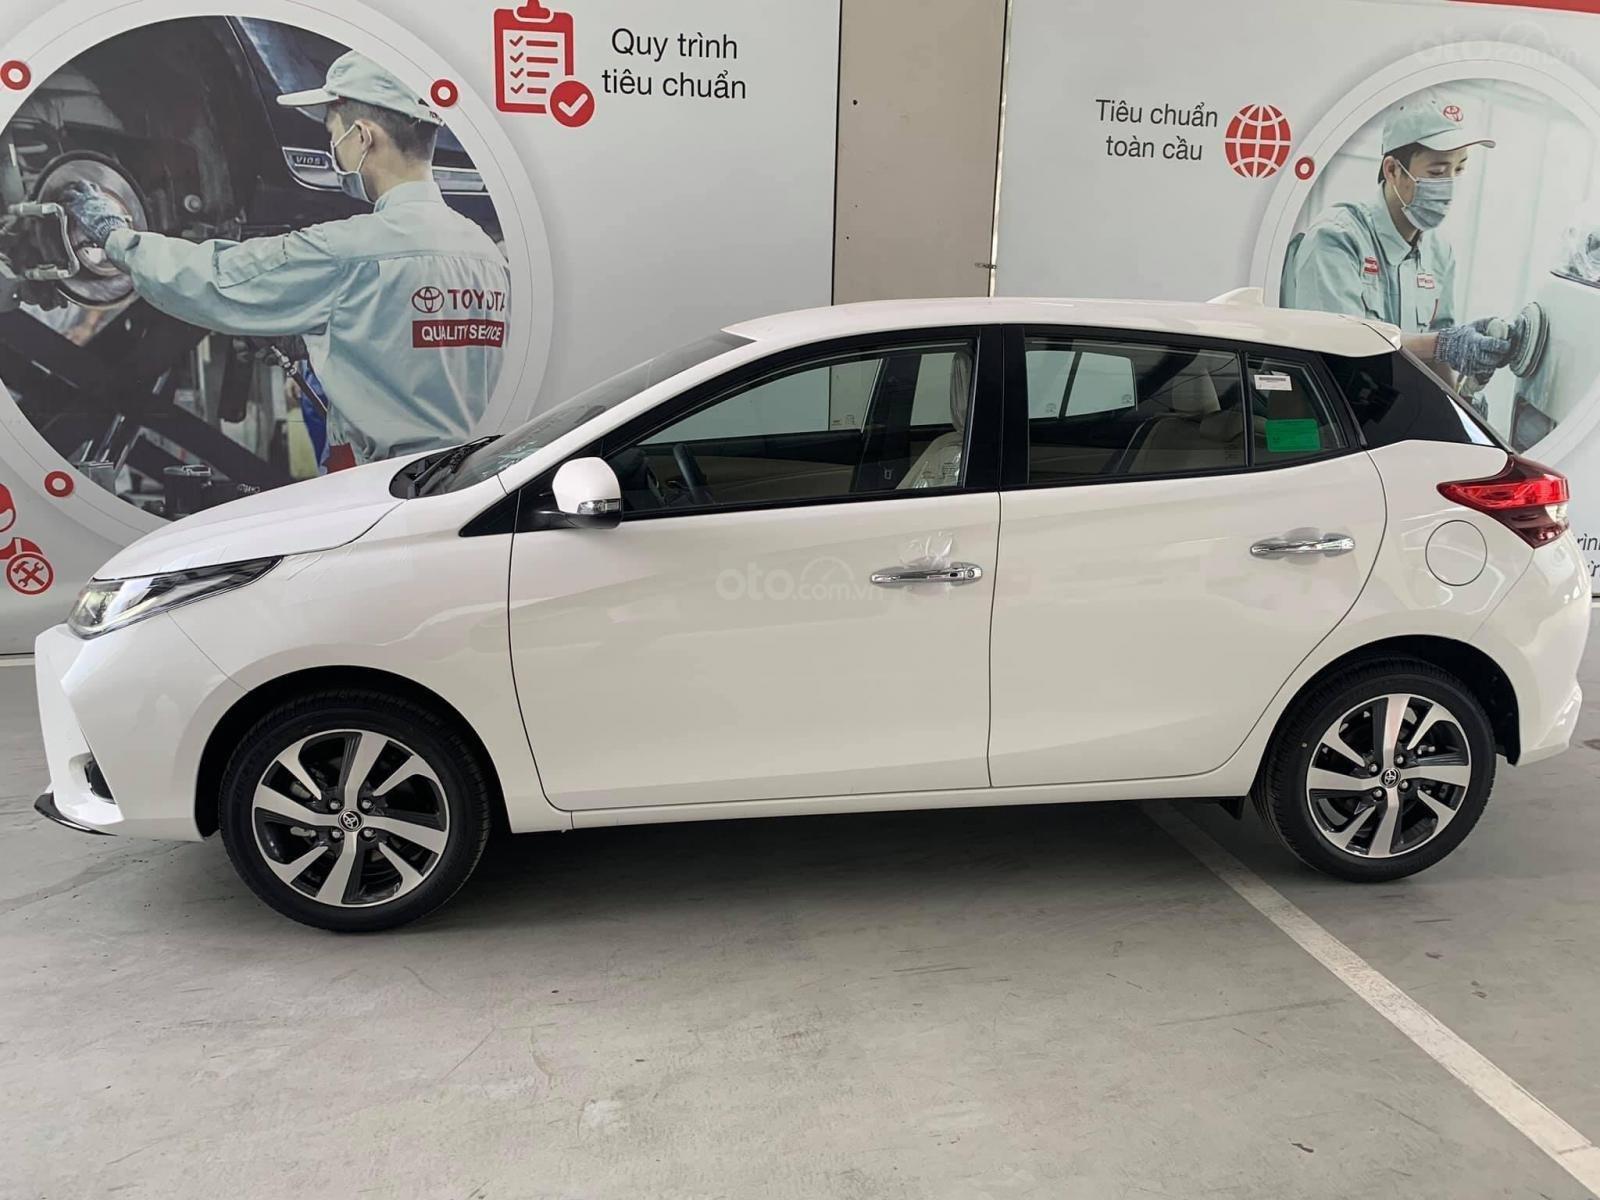 Toyota Yaris 2020 phiên bản mới, nhập khẩu nguyên chiếc Thái Lan, sẵn xe giao ngay (3)